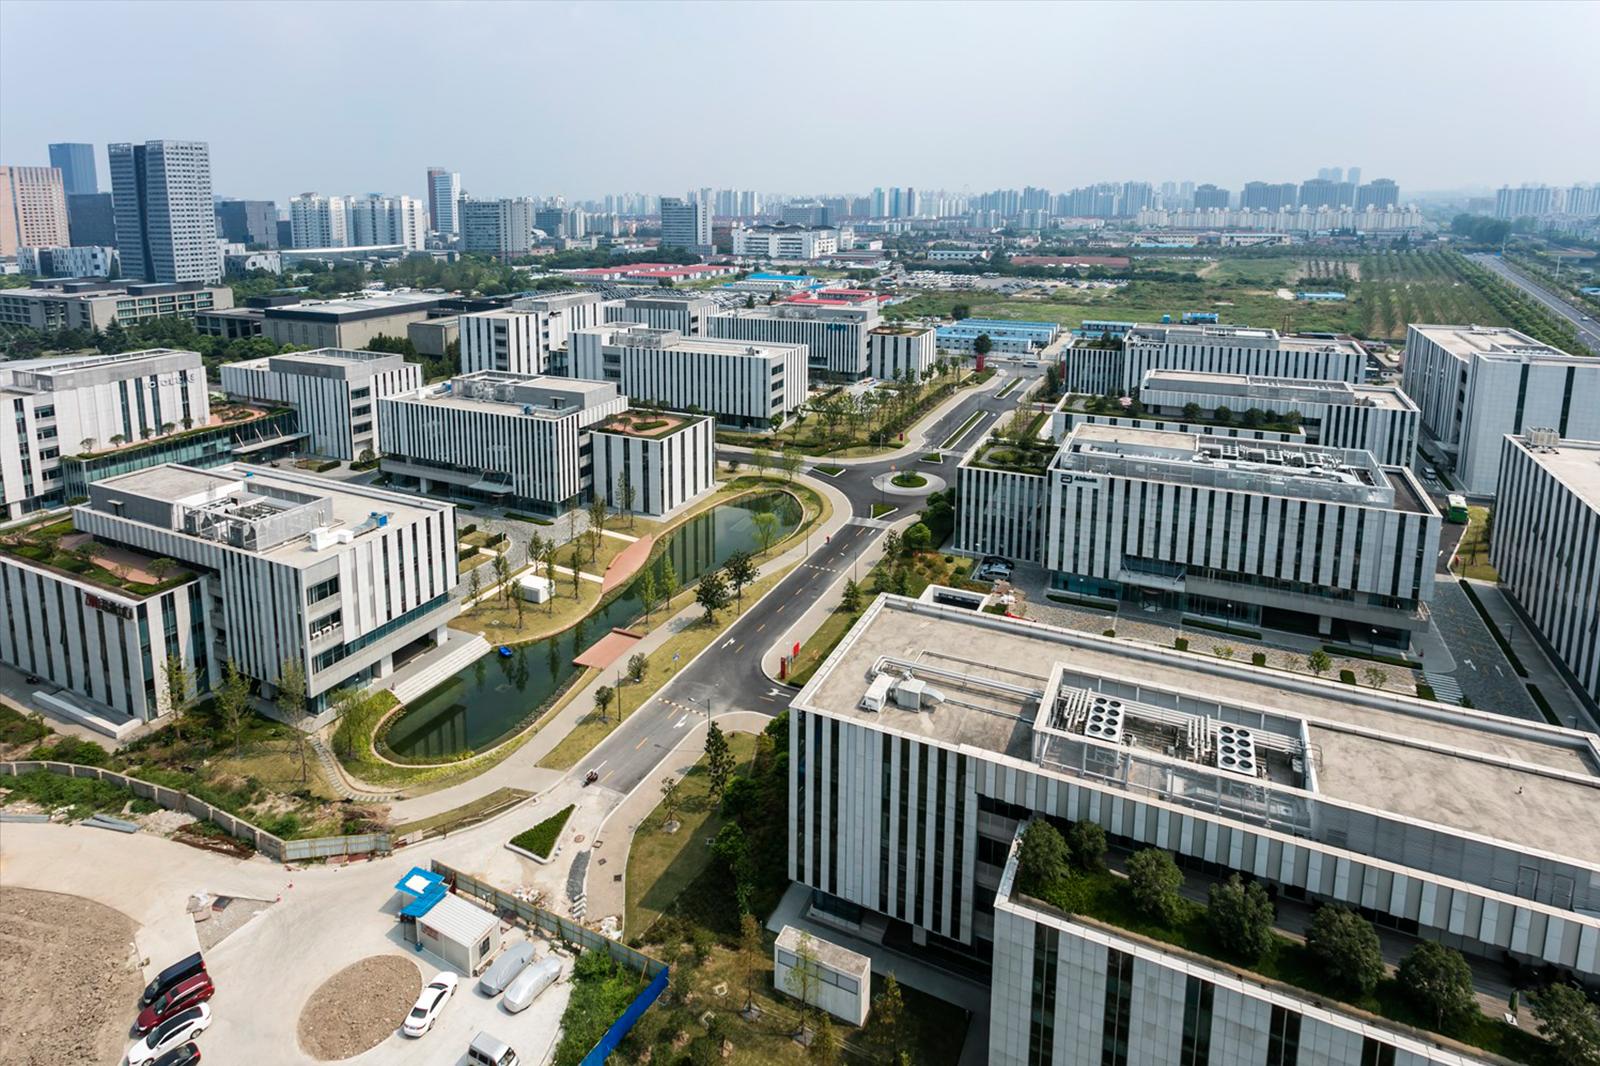 漕河涇科技緑洲 Ⅲ期